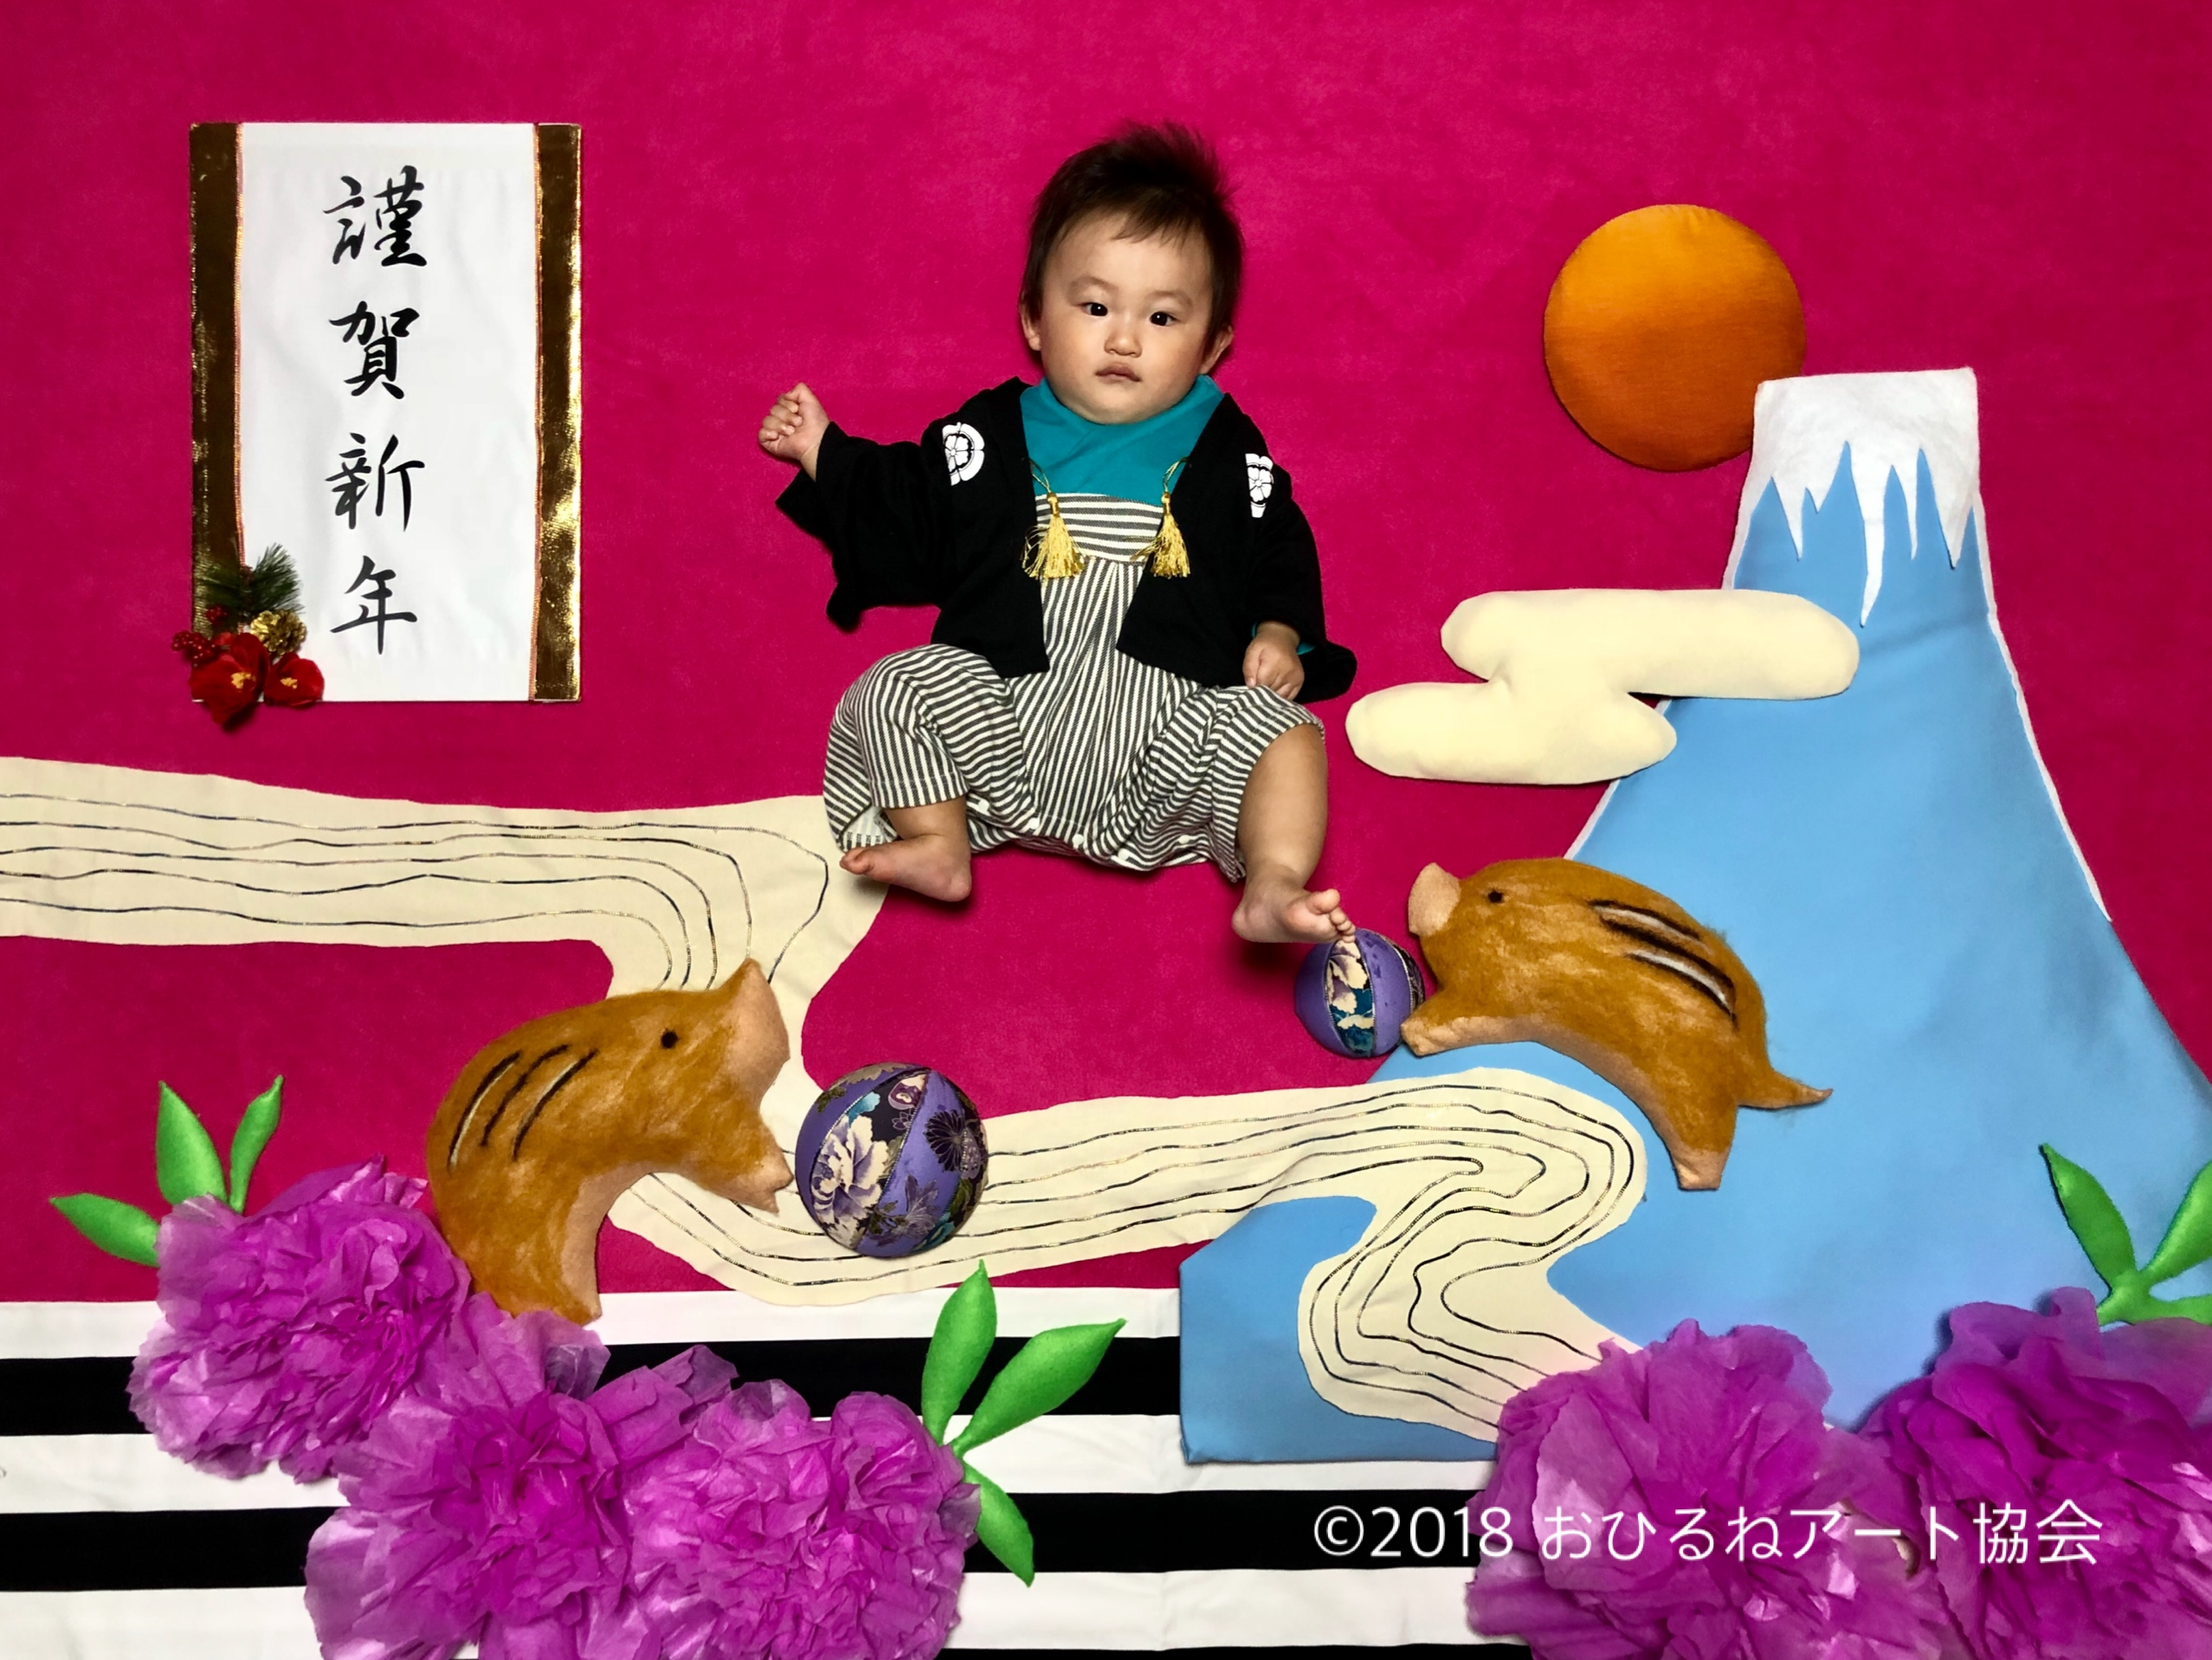 おひるねアート お昼寝アート お正月 謹賀新年 富士山 年賀状 2019年